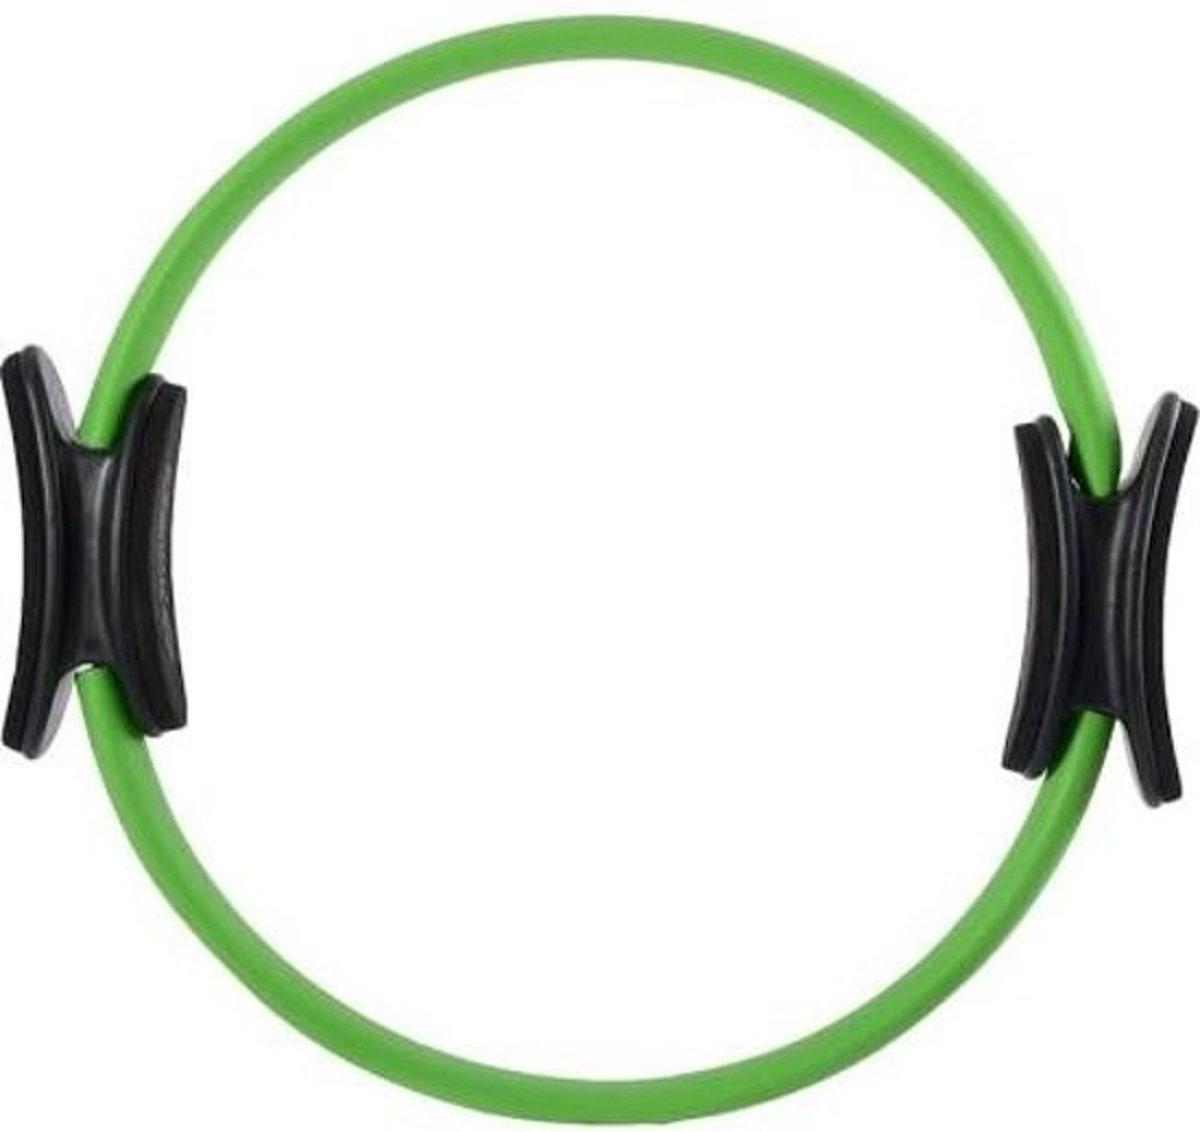 Schildkröt Fitness Pilates ring - Diameter 38 cm - Glasvezel - Groen/Antraciet kopen